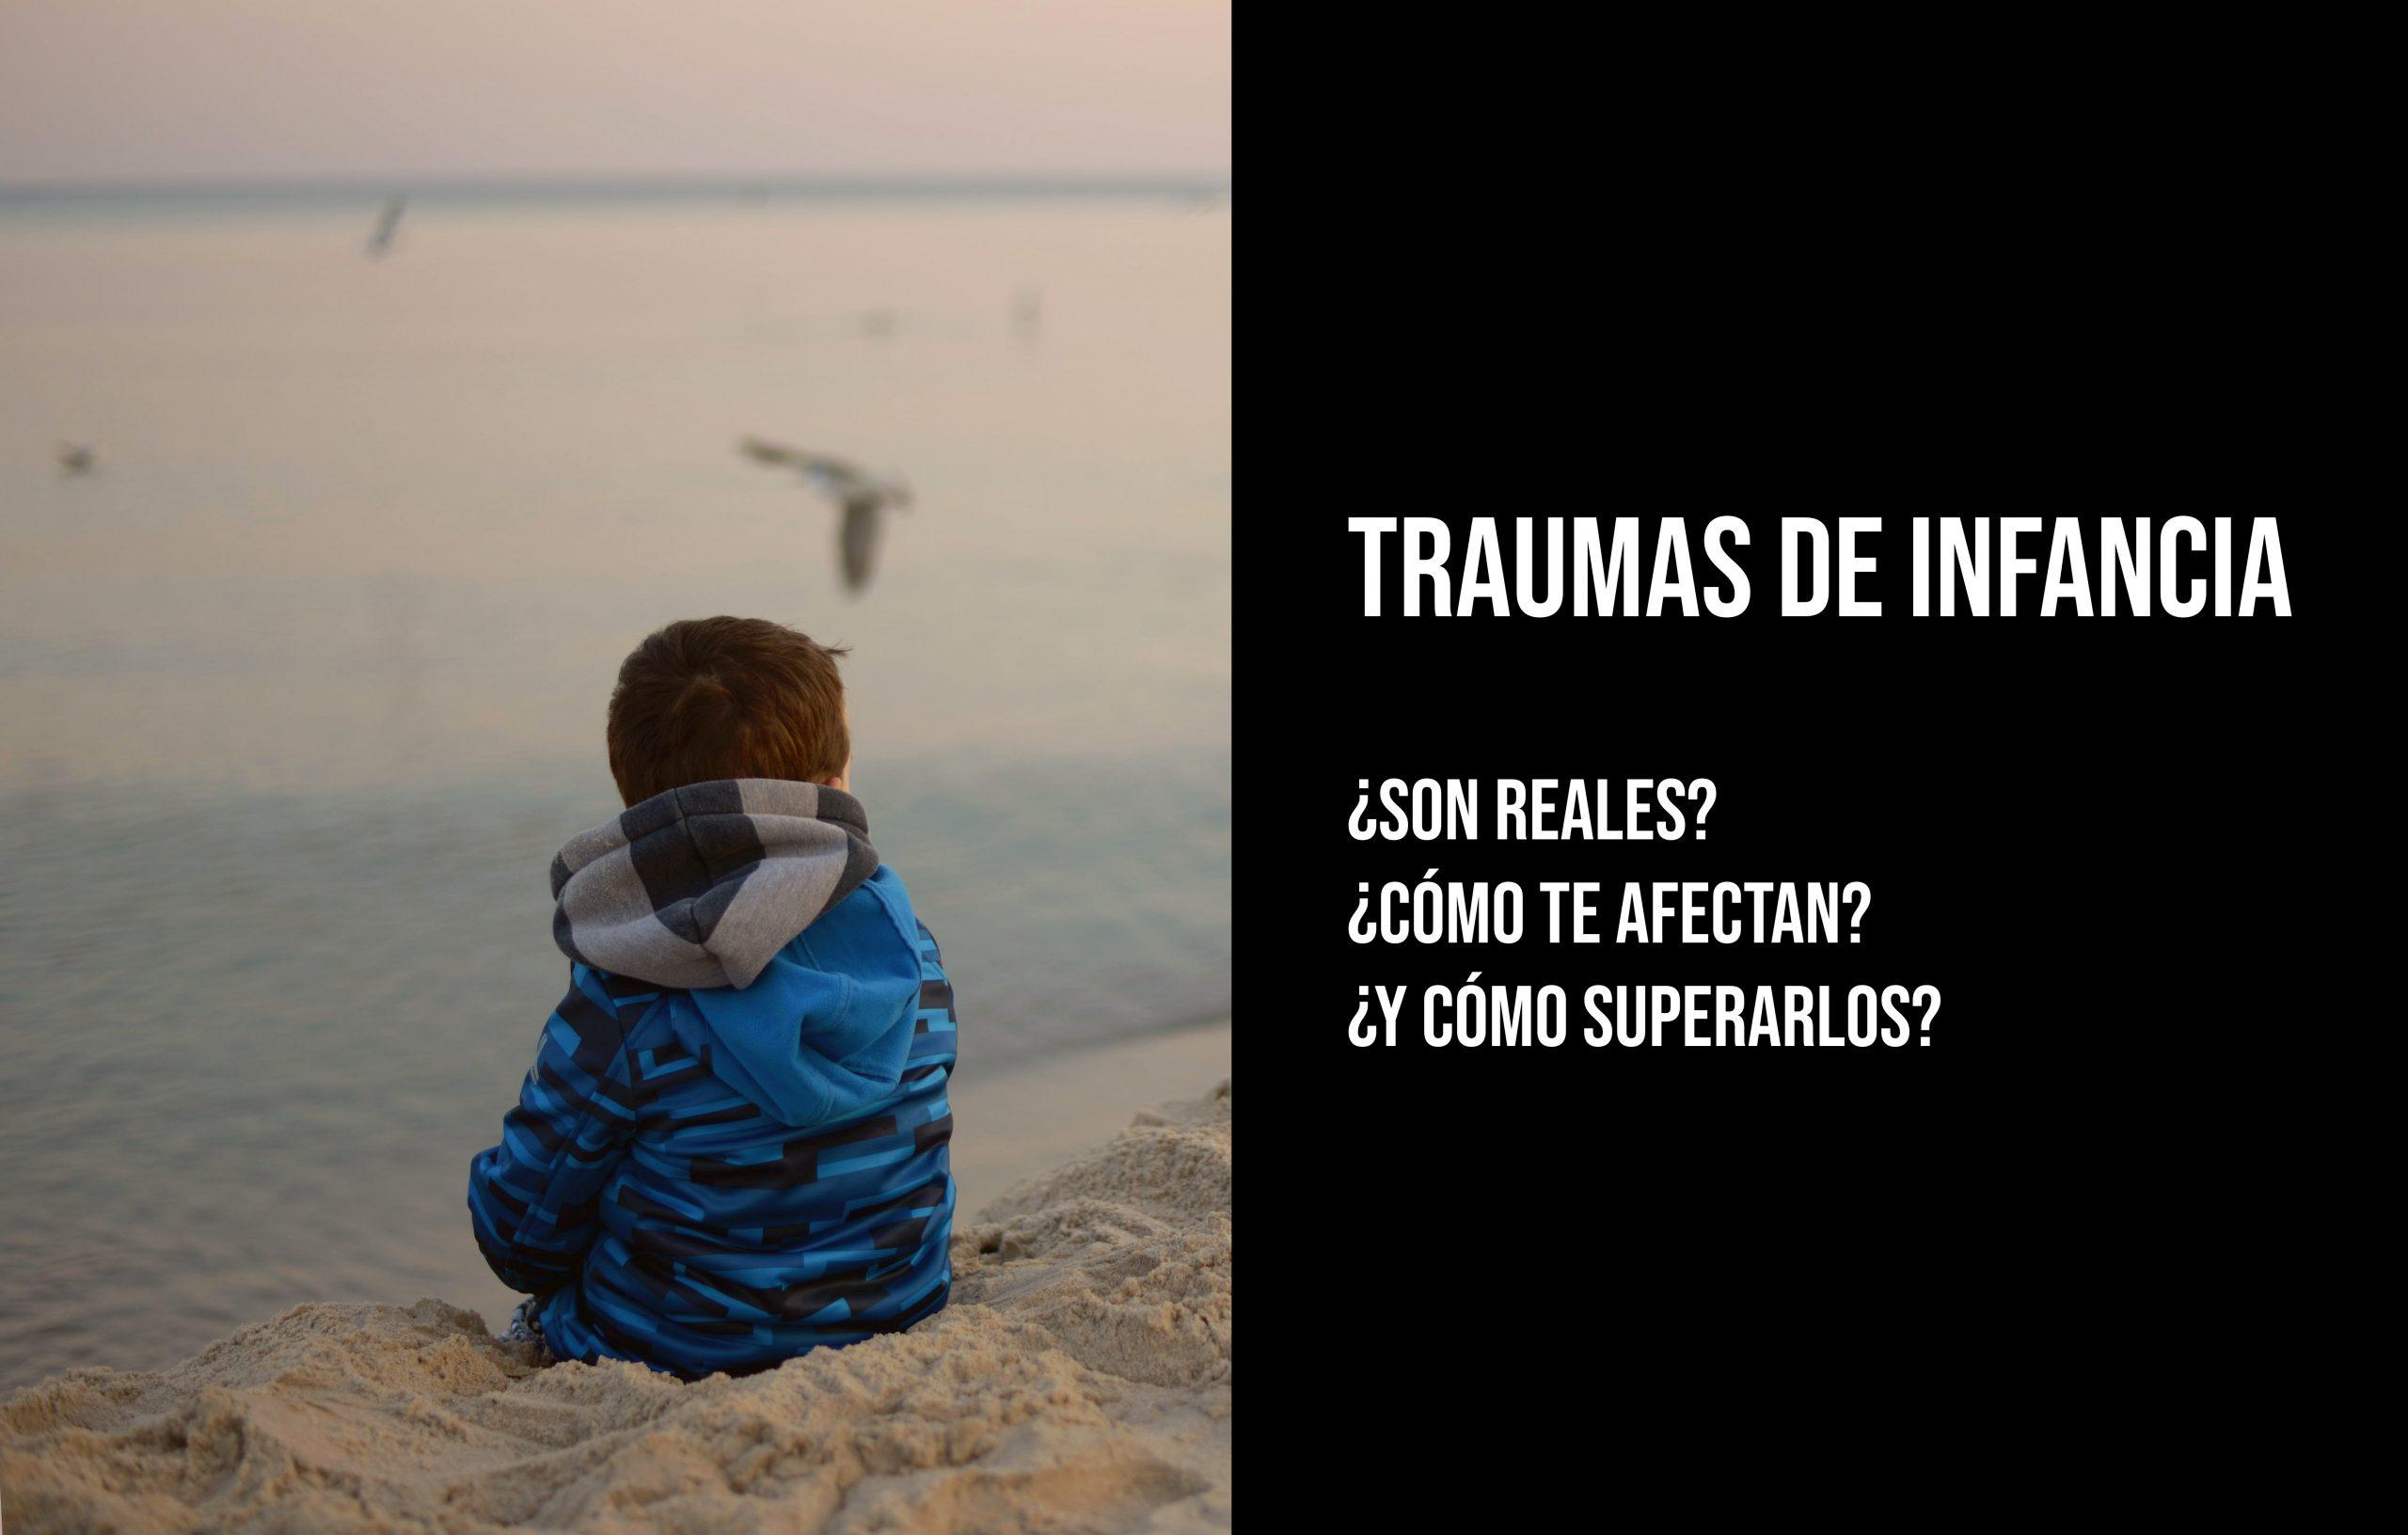 Traumas de infancia. ¿Son reales? ¿Cómo te afectan? ¿Y cómo superarlos?